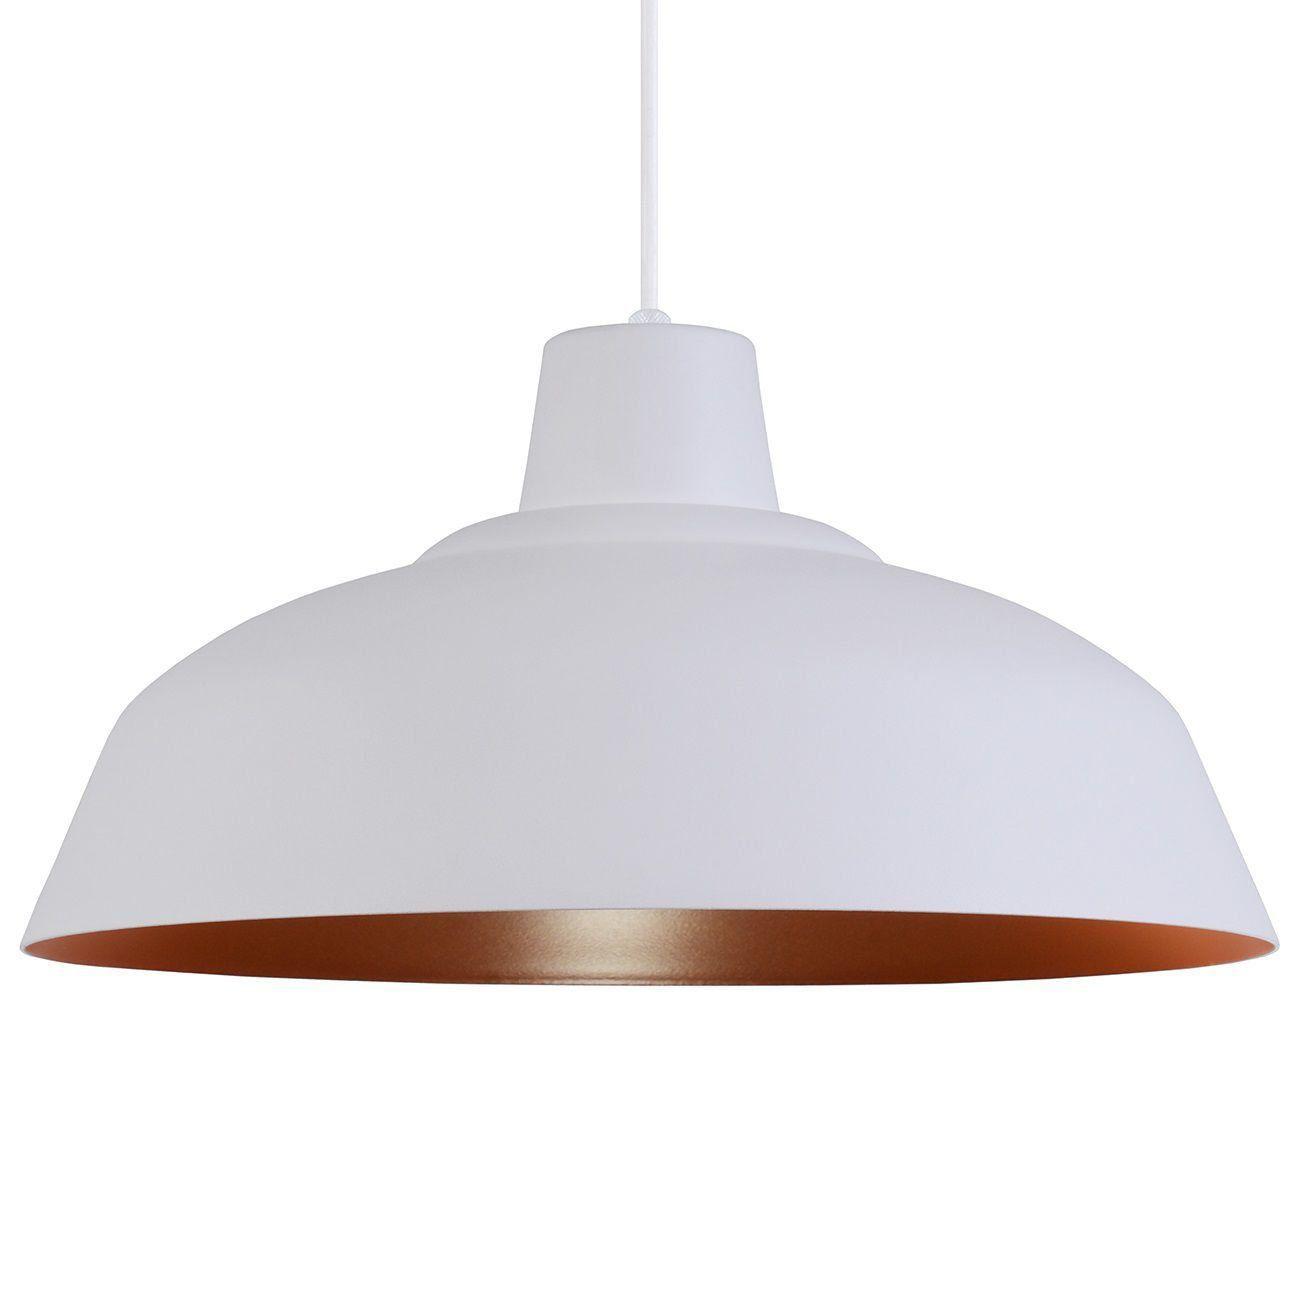 Pendente Retrô 34cm Luminária Lustre Alumínio Branco Textura C/ Cobre - Rei Da Iluminação